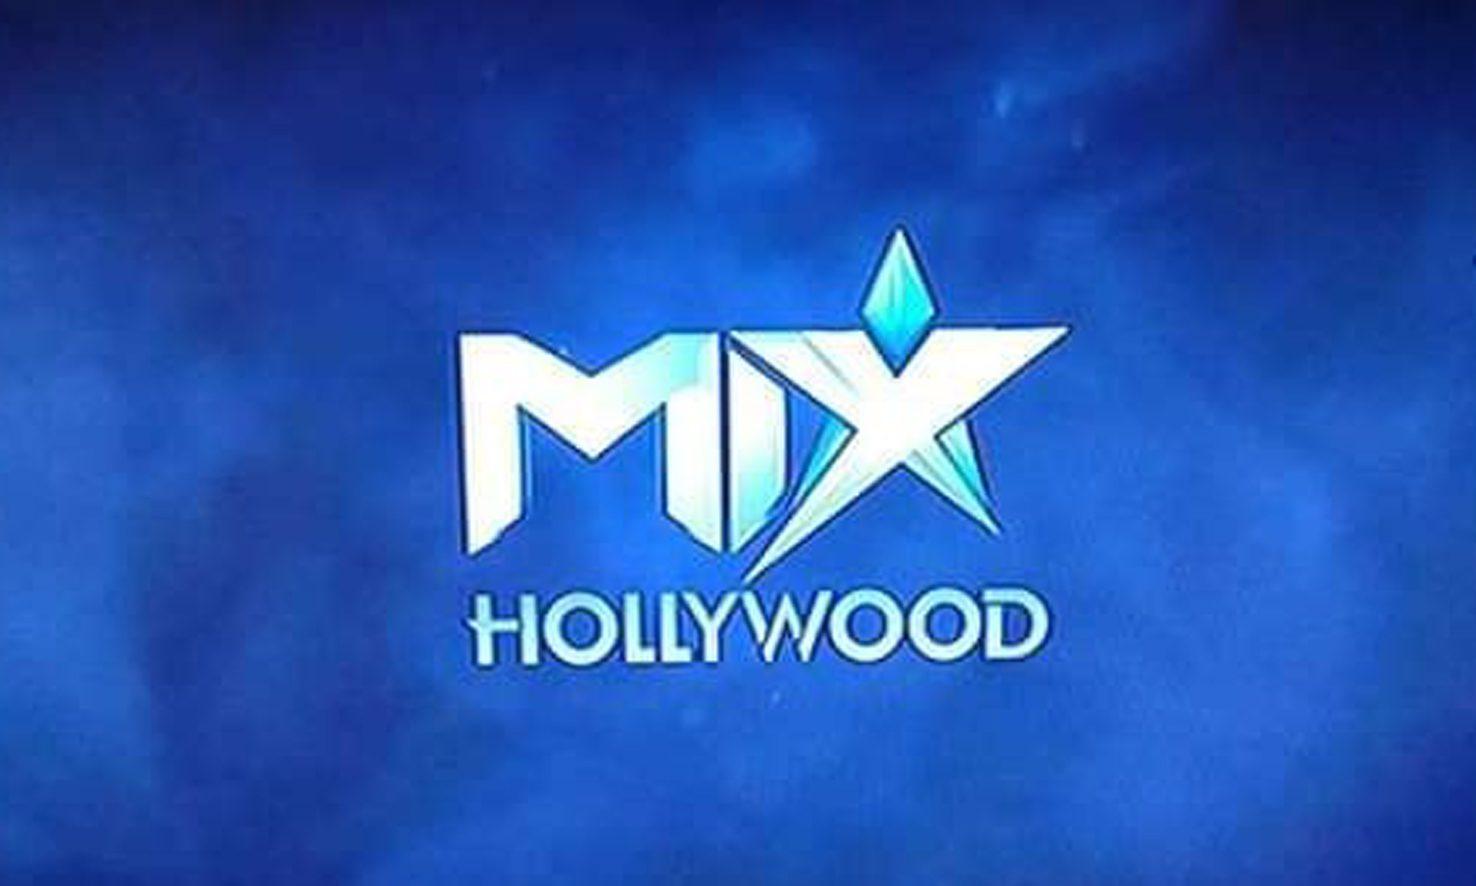 تردد قناة ميكس هوليود Mix Hollywood لنقل أشهر وأقوى الأفلام